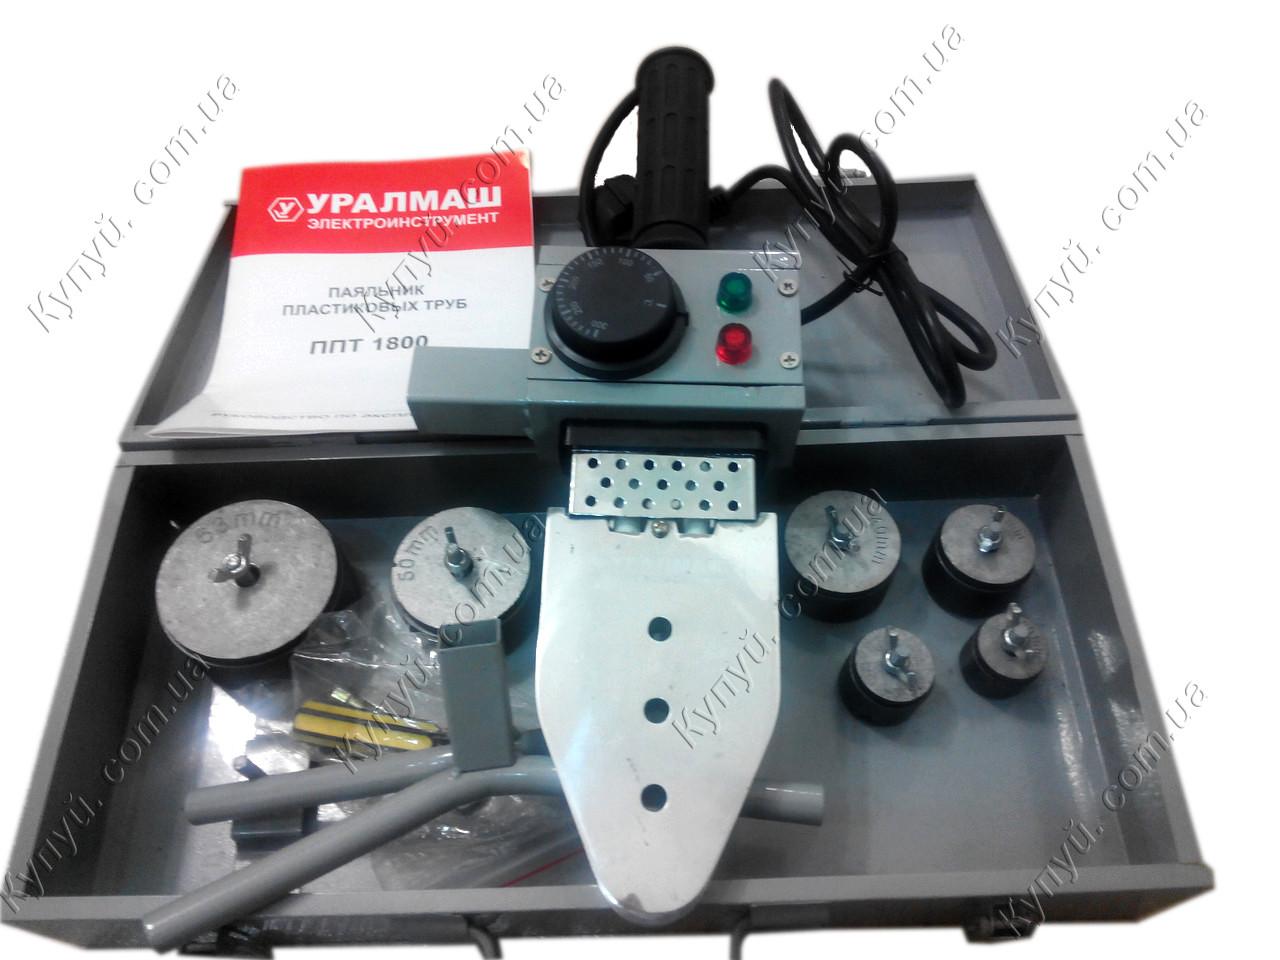 Паяльники для пластиковых труб Уралмаш ППТ-1800